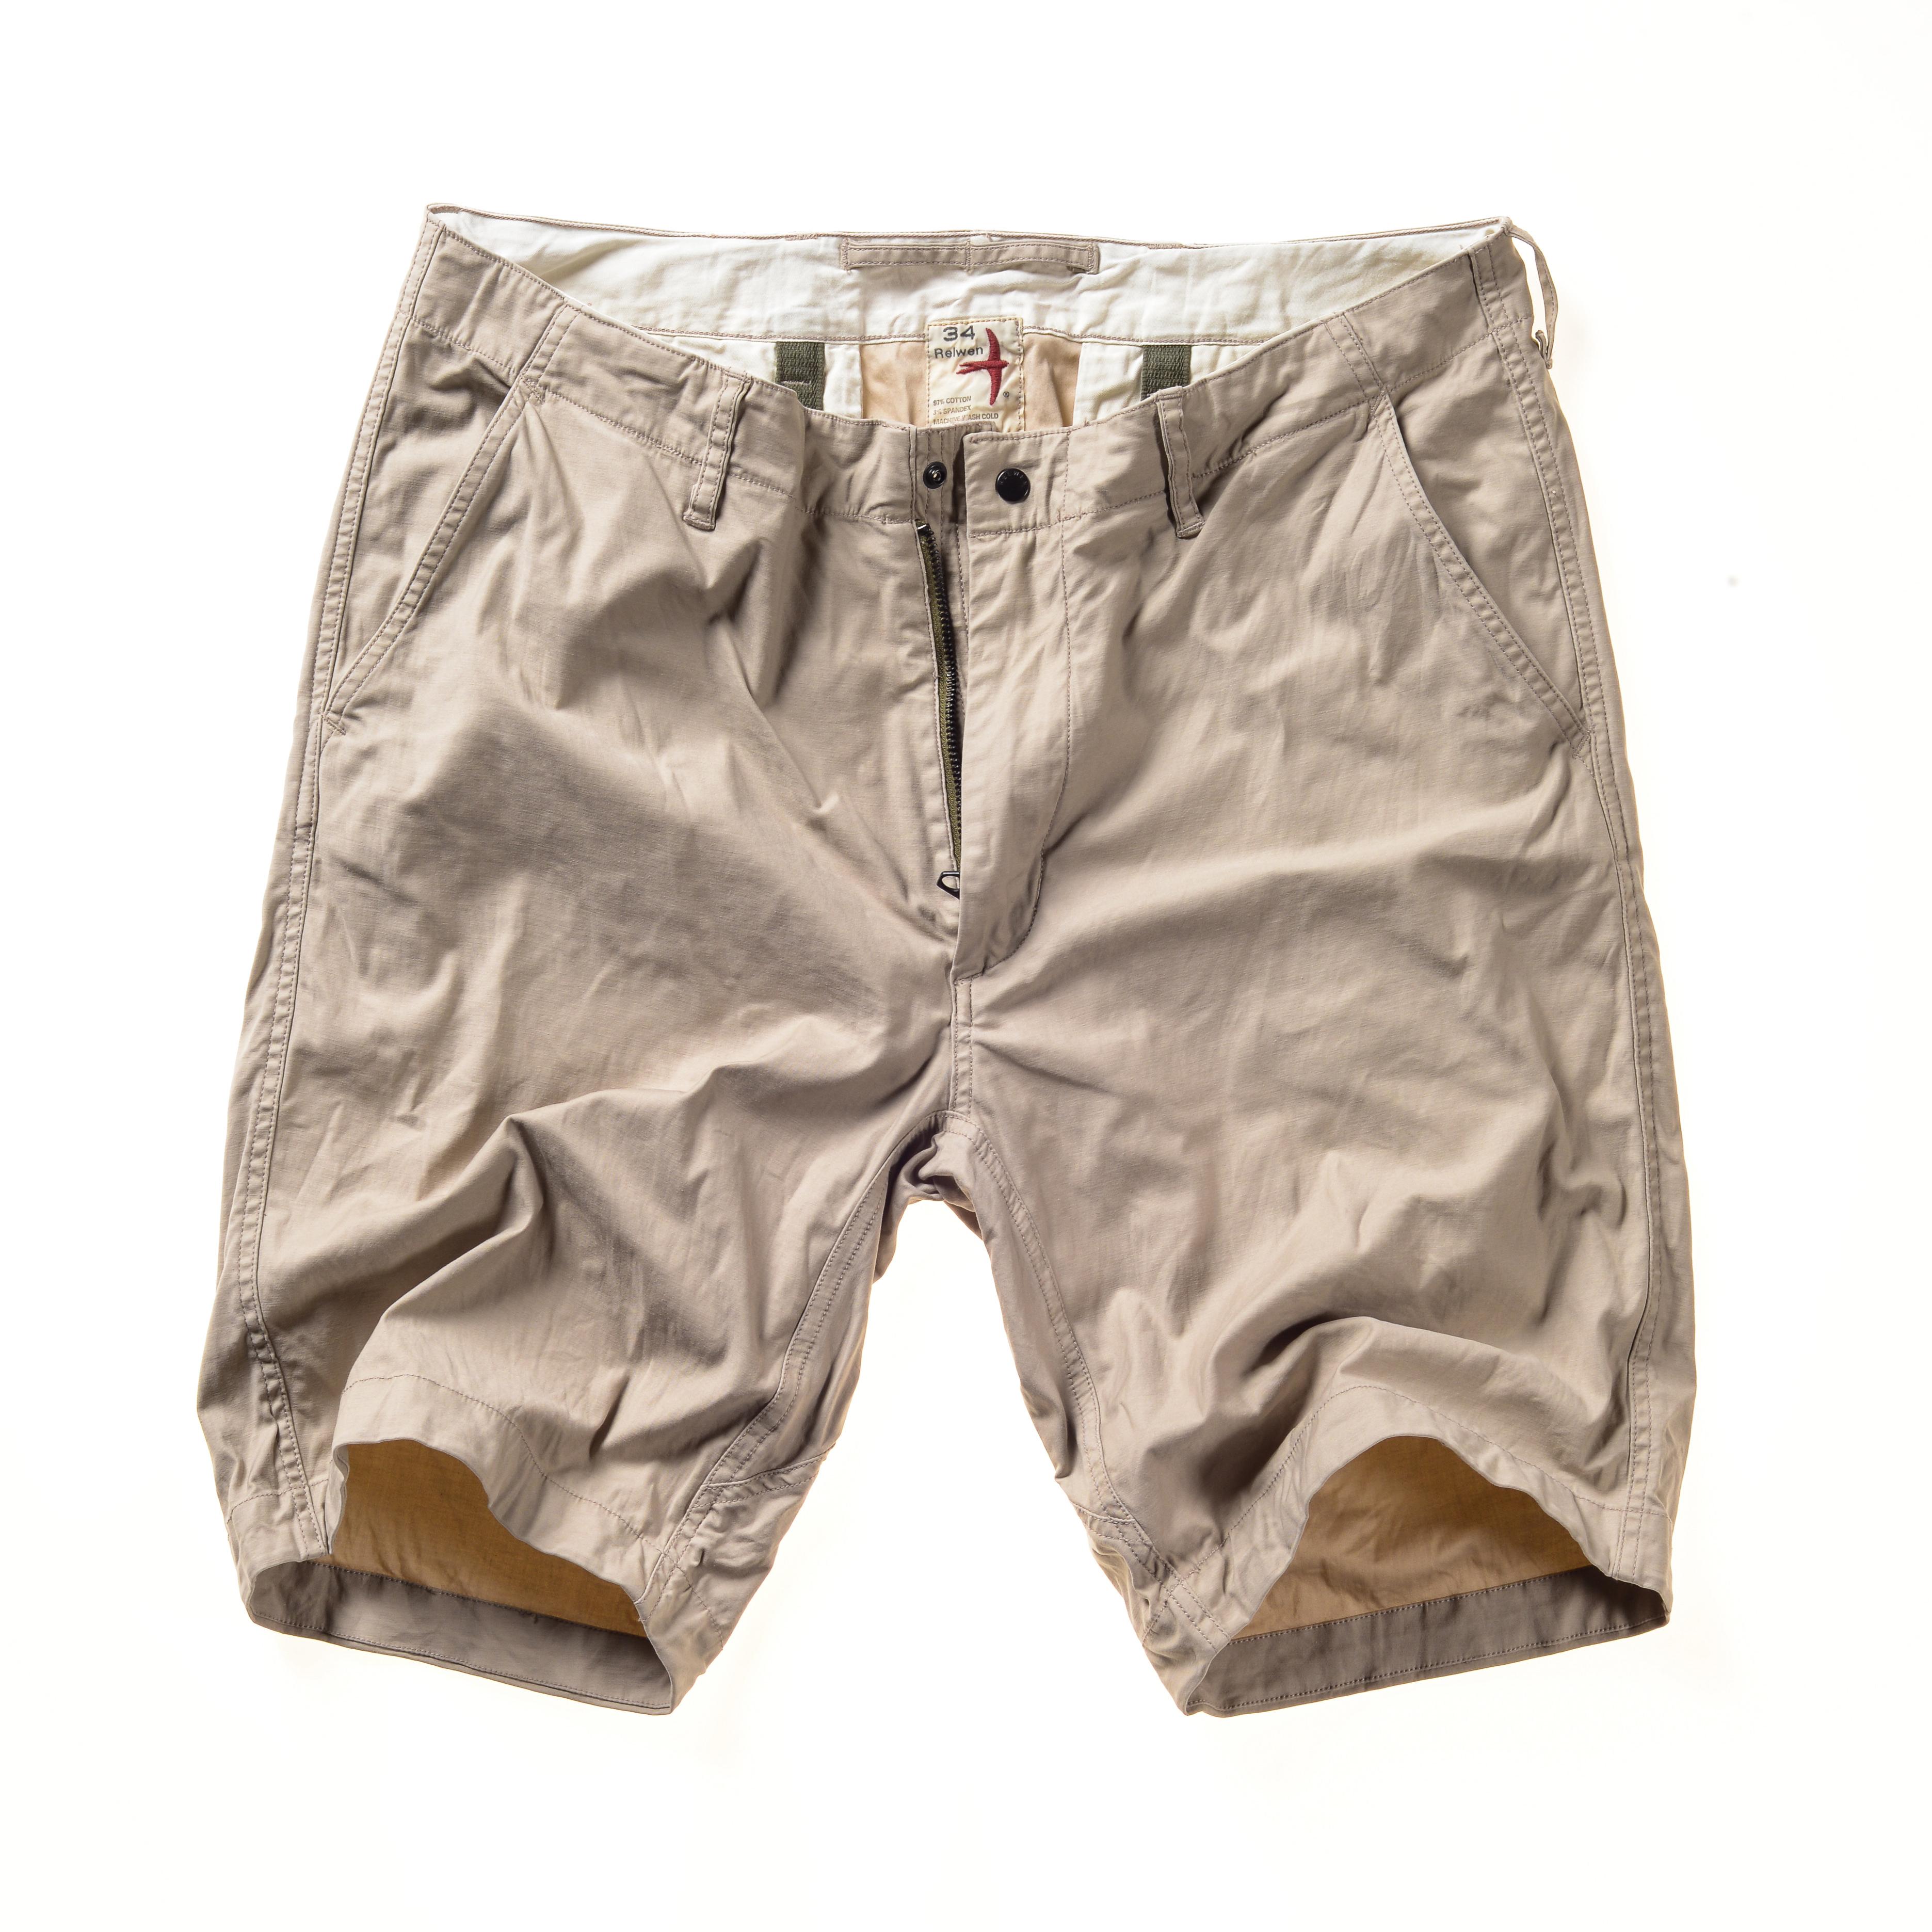 Gymqxfc9nb relwen flex shorts 0 original.jpg?ixlib=rails 2.1